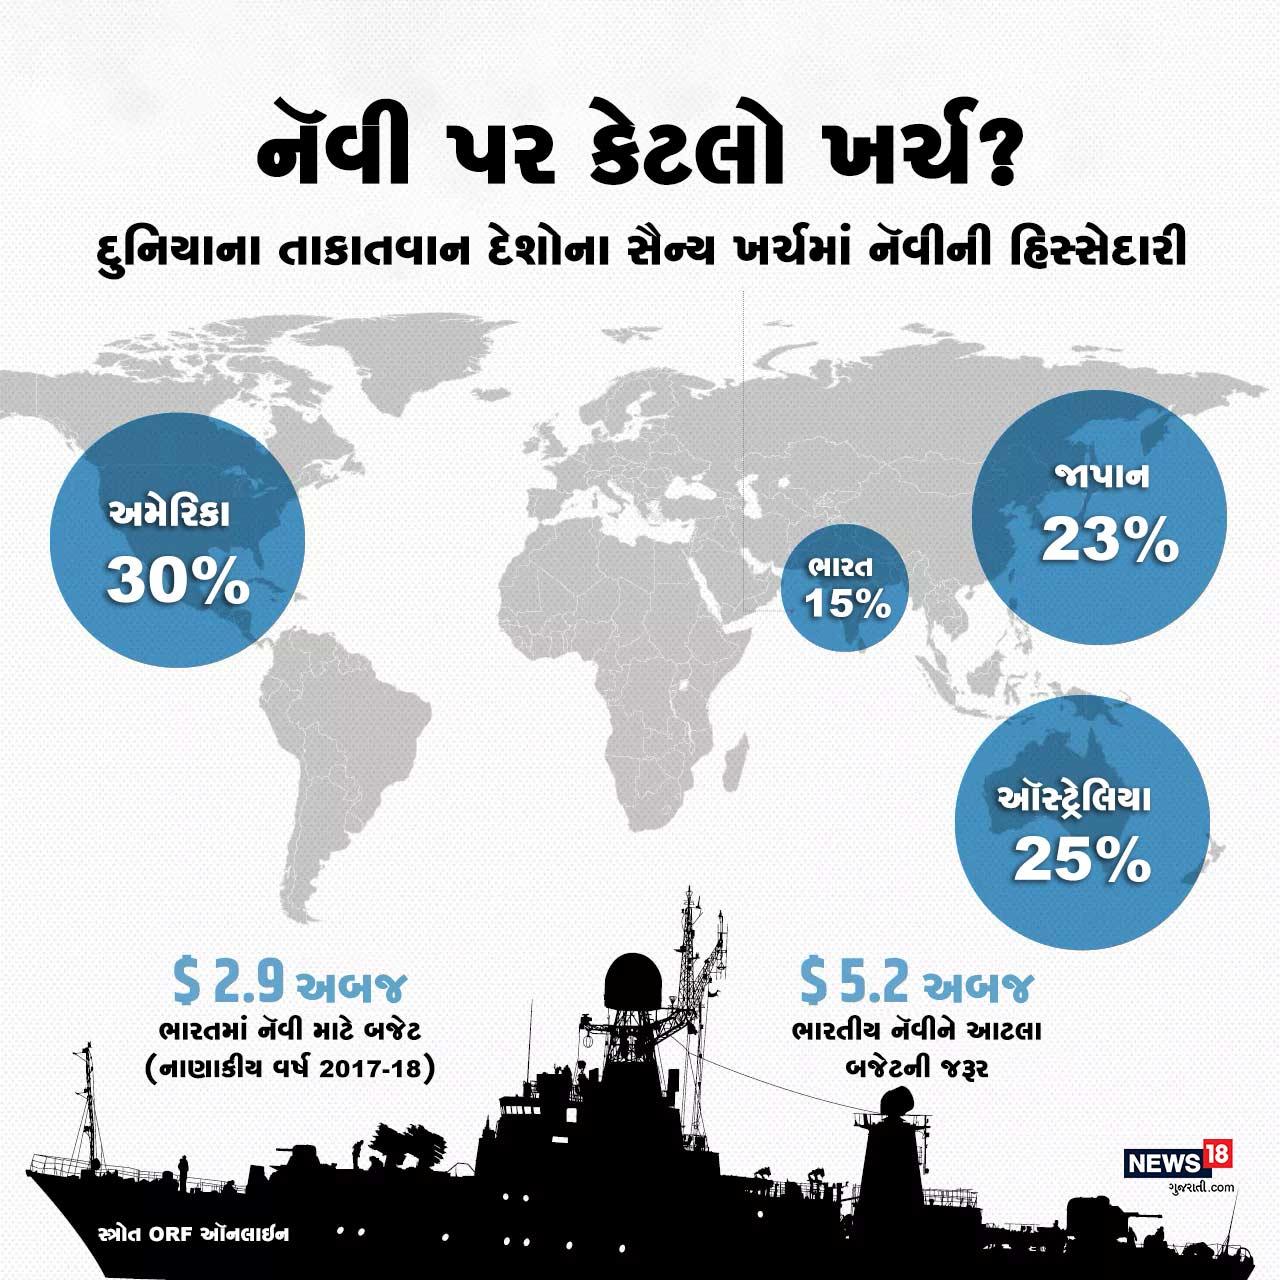 દુનિયામાં અમેરિકા સૌથી વુધ પોતાના સૈન્ય બજેટનો 30% હિસ્સો નૅવી પર ખર્ચ કરે છે. જોકે ભારતમાં કુલ સૈન્ય બજેટના 15% નૅવી પર ખર્ચ કરવામાં આવે છે. 2017-18 માટે ભારતીય નૅવીનું બજેટ 2.9 અબજ ડૉલર છે, પરંતુ ડિમાન્ડ 5.2 અબજ ડૉલર છે.